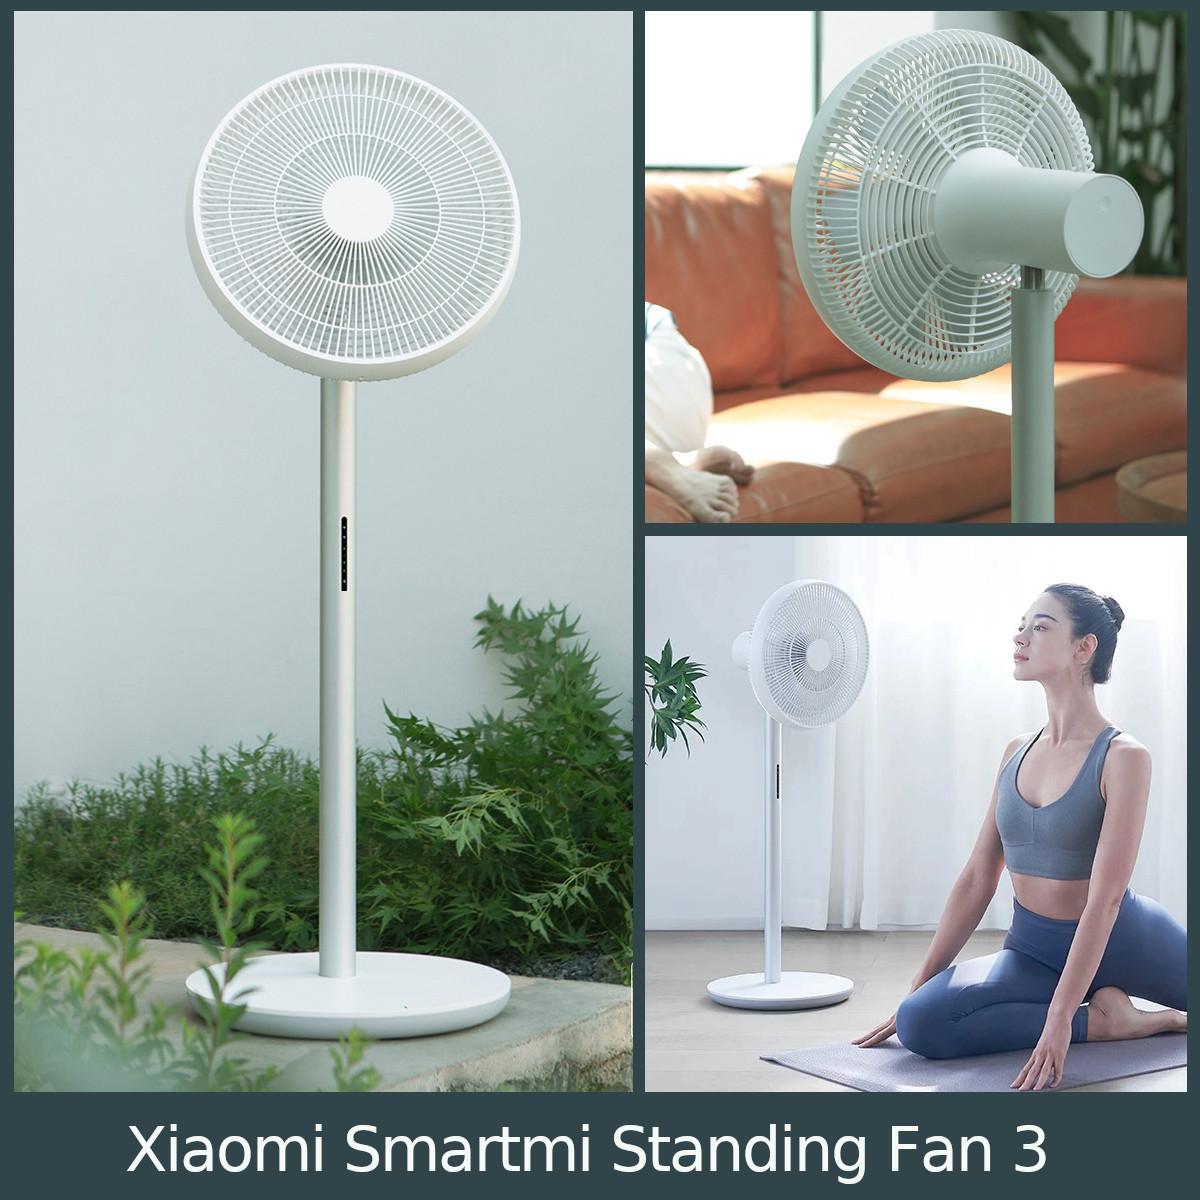 Xiaomi Smartmi Standing Fan 3 con generado de iones negativos